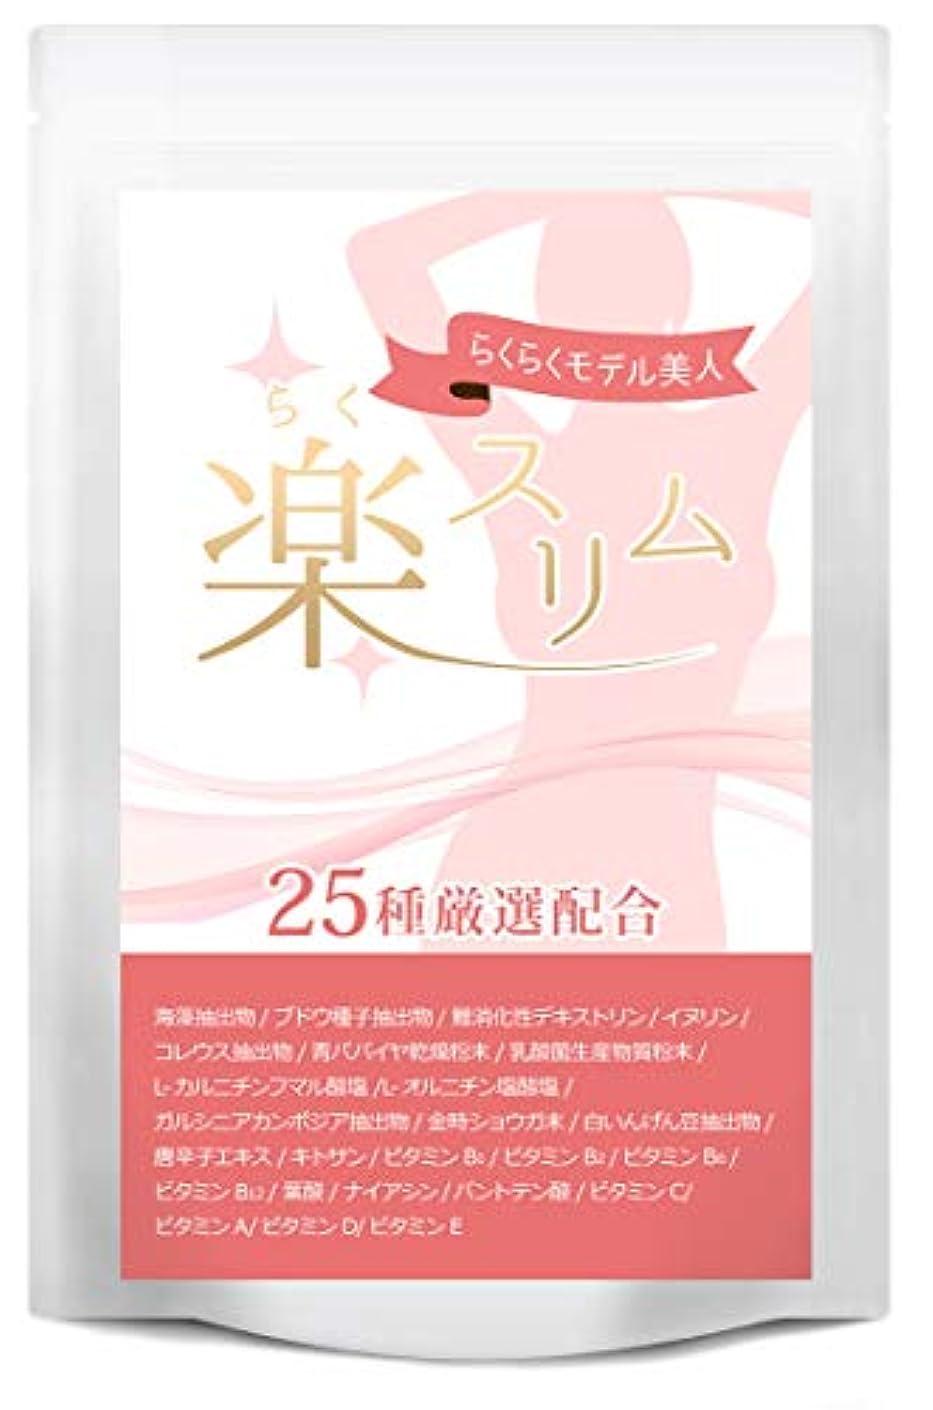 ソロメジャーモンクダイエット サプリ 楽スリム 燃焼系 サプリメント ダイエットサプリ 60粒30日分